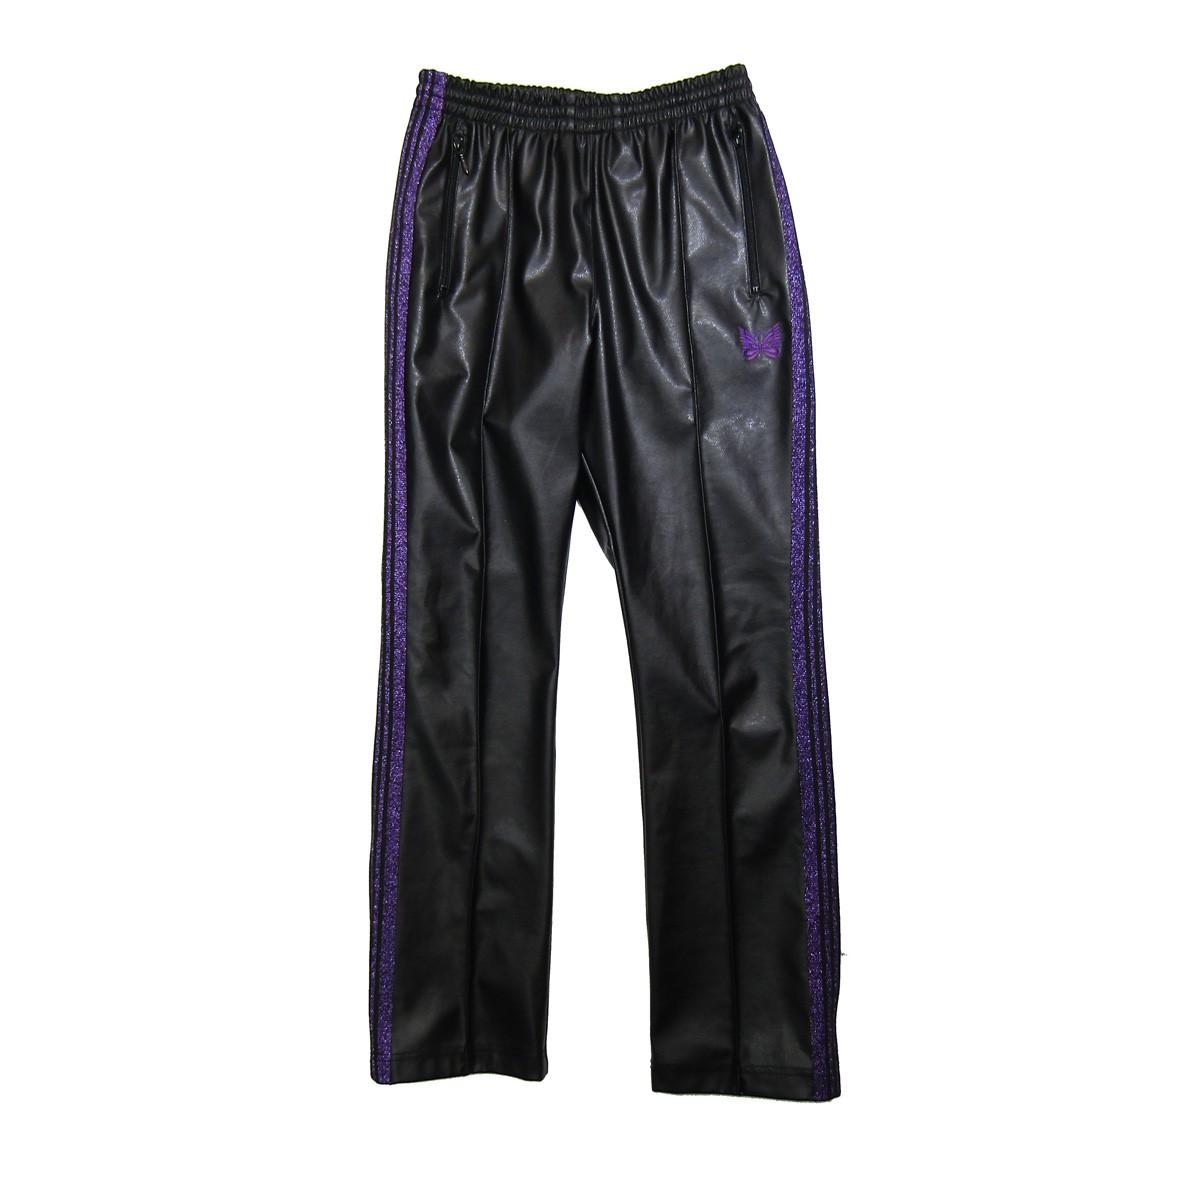 【中古】Needles Narrow Track Pant-Synthetic/合皮ナロートラックパンツ ブラック×パープル サイズ:S 【240320】(ニードルス)